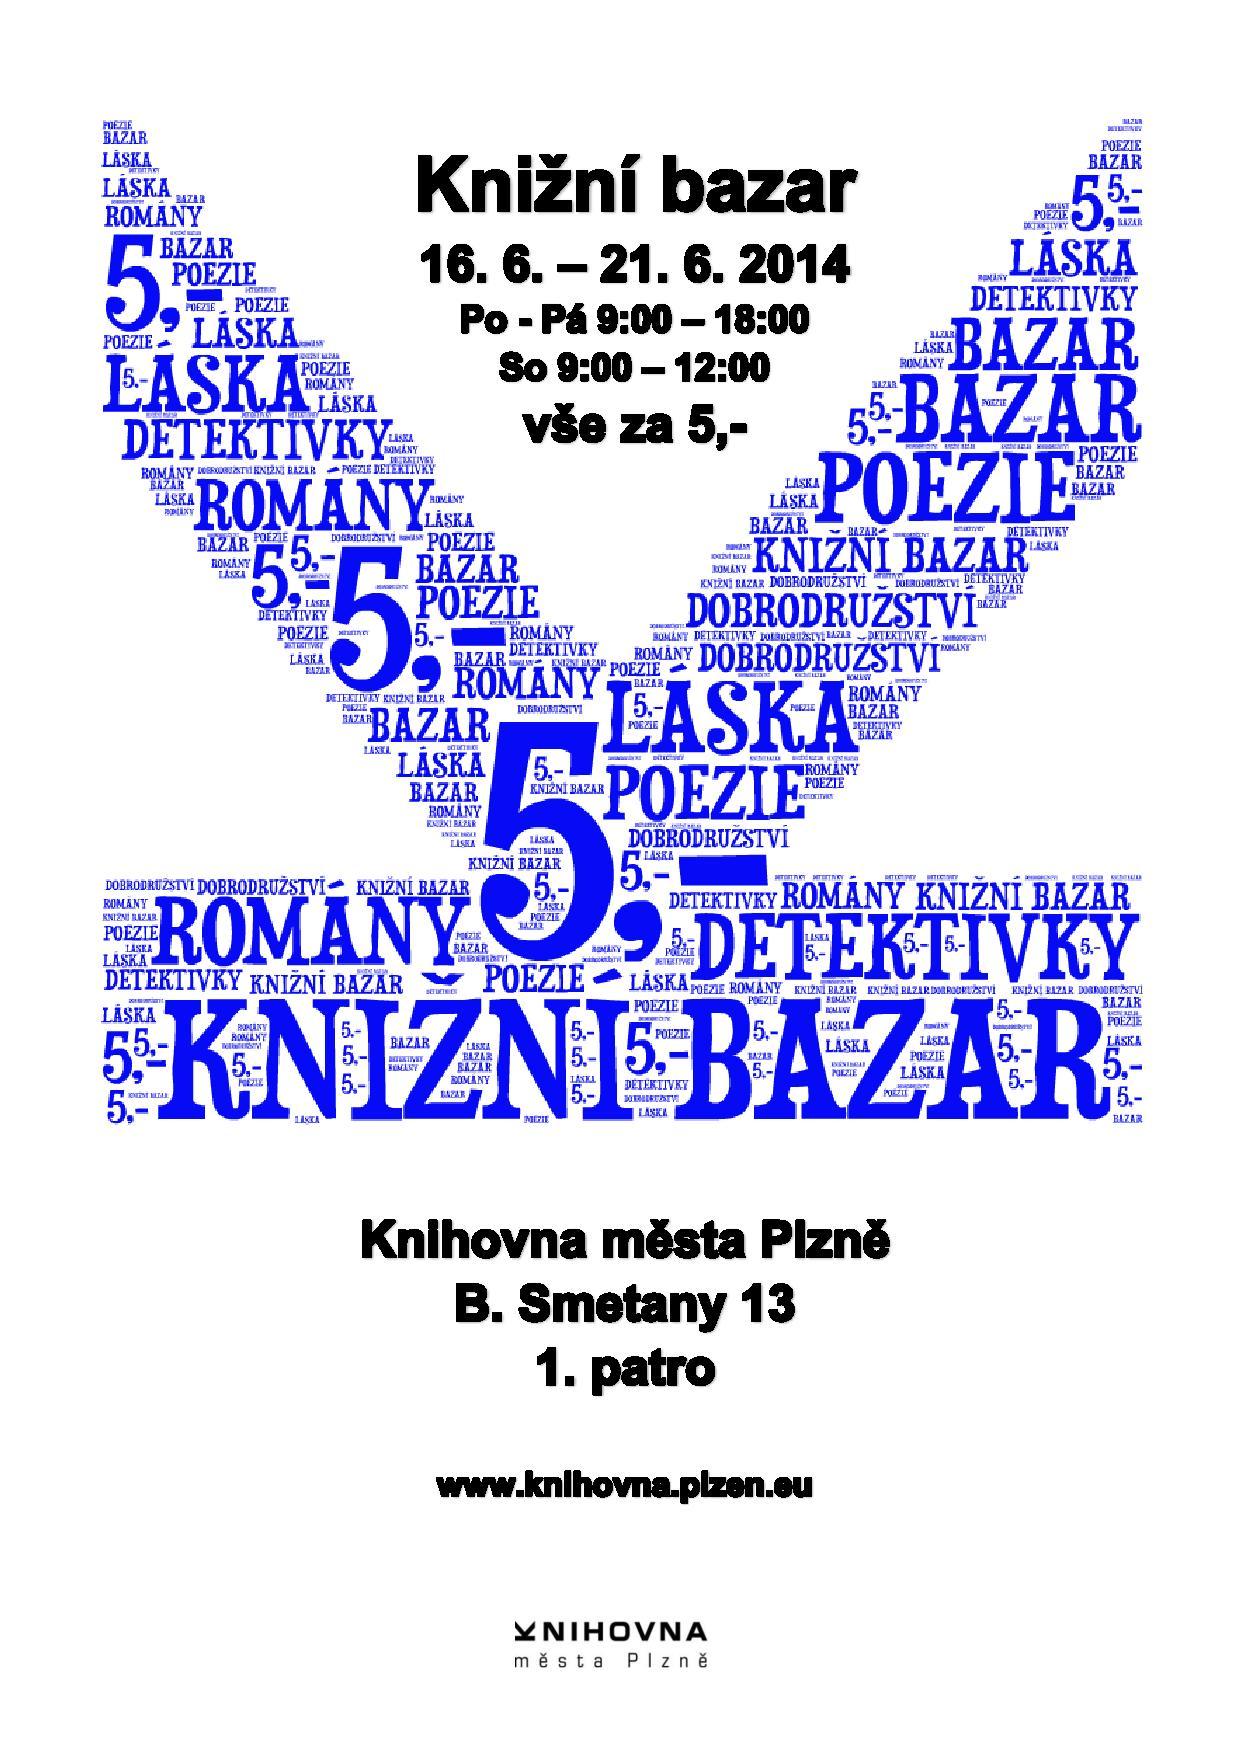 bazar2014